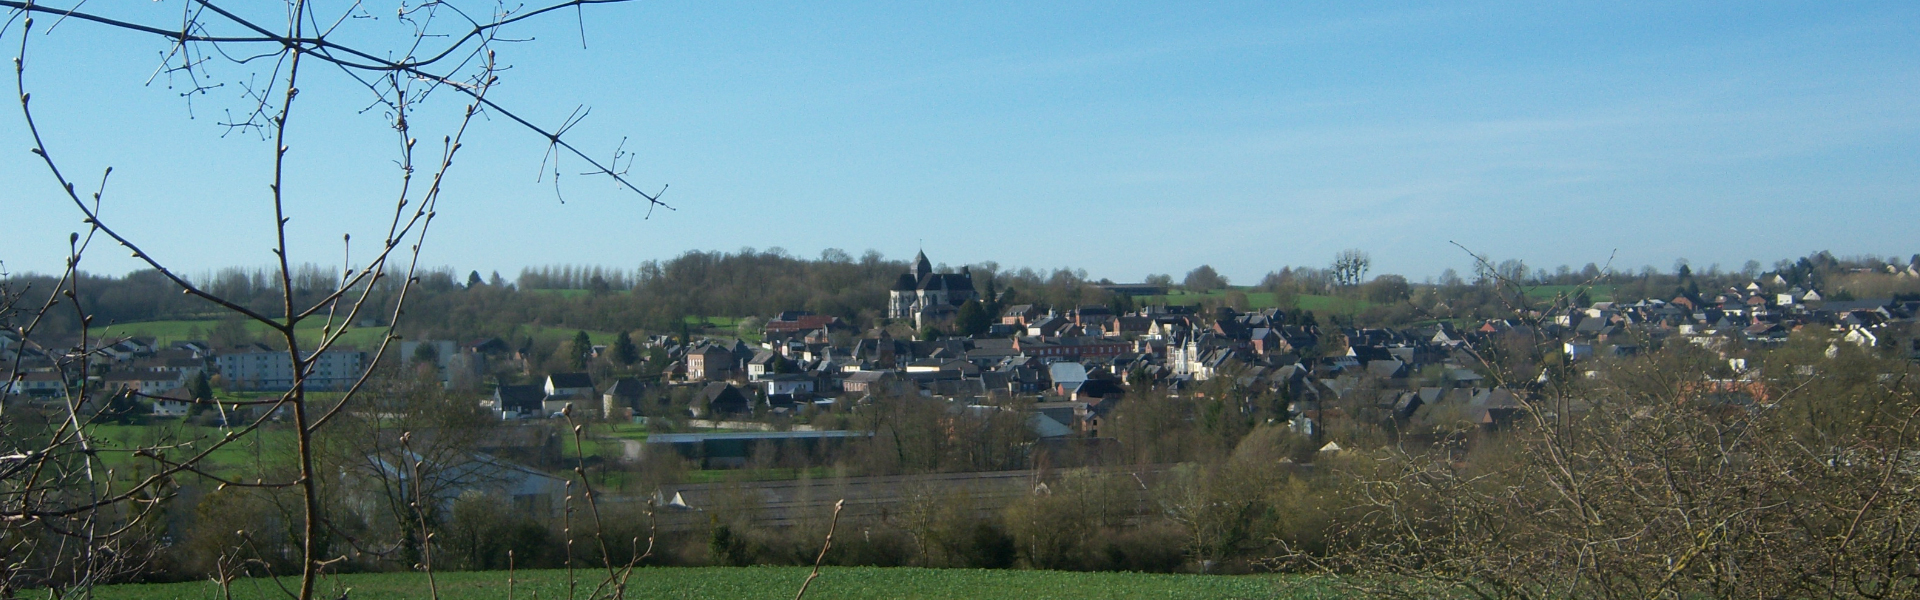 Commune de Rozoy-sur-Serre